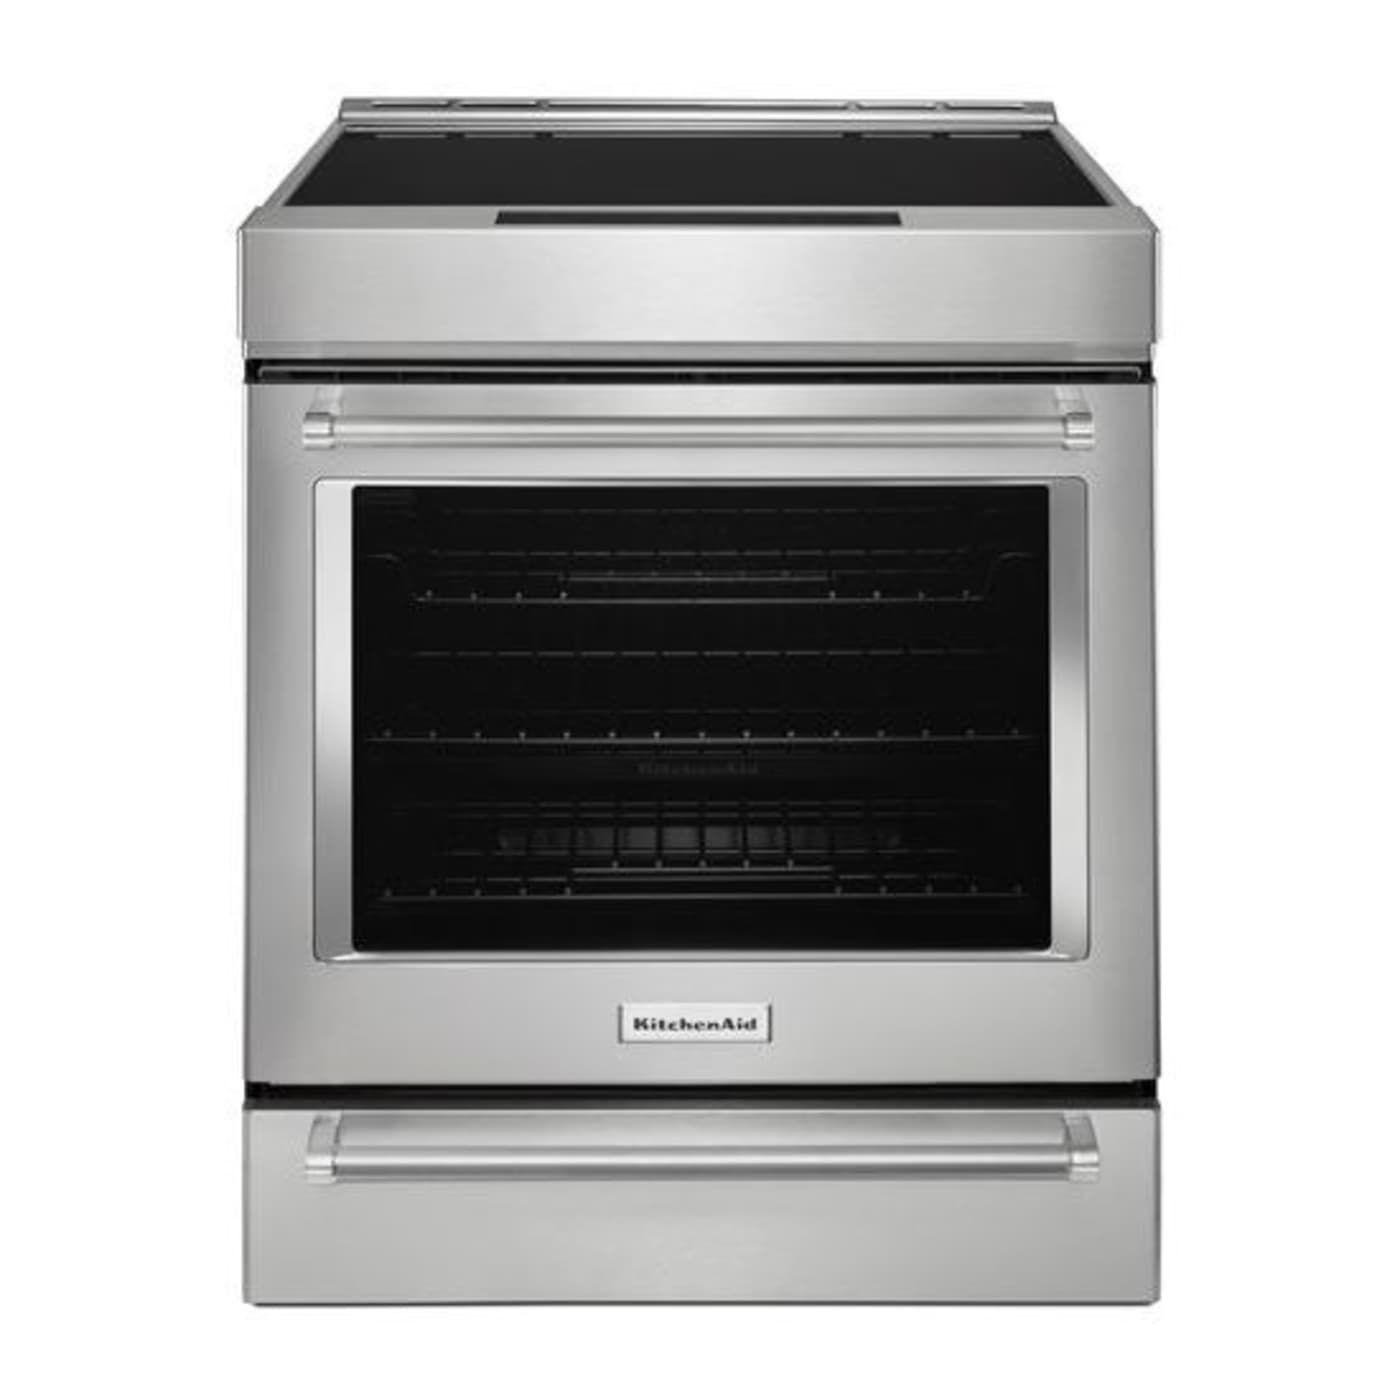 Ksib900ess by kitchenaid electric ranges